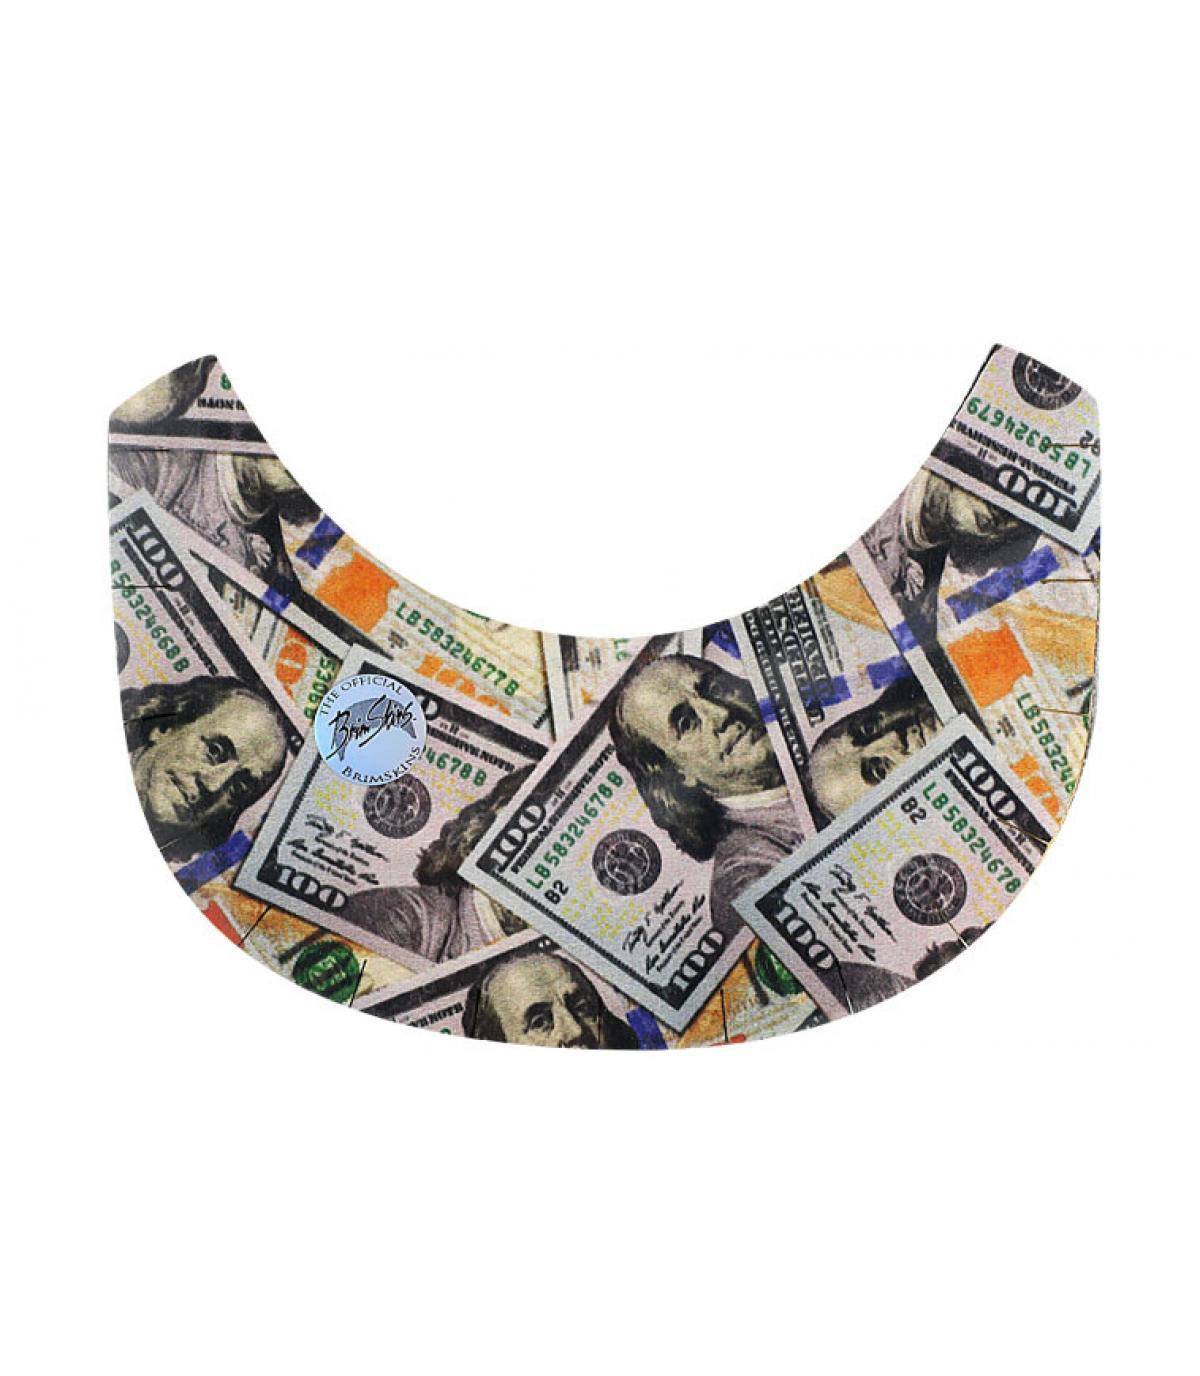 Dollars rand op maat